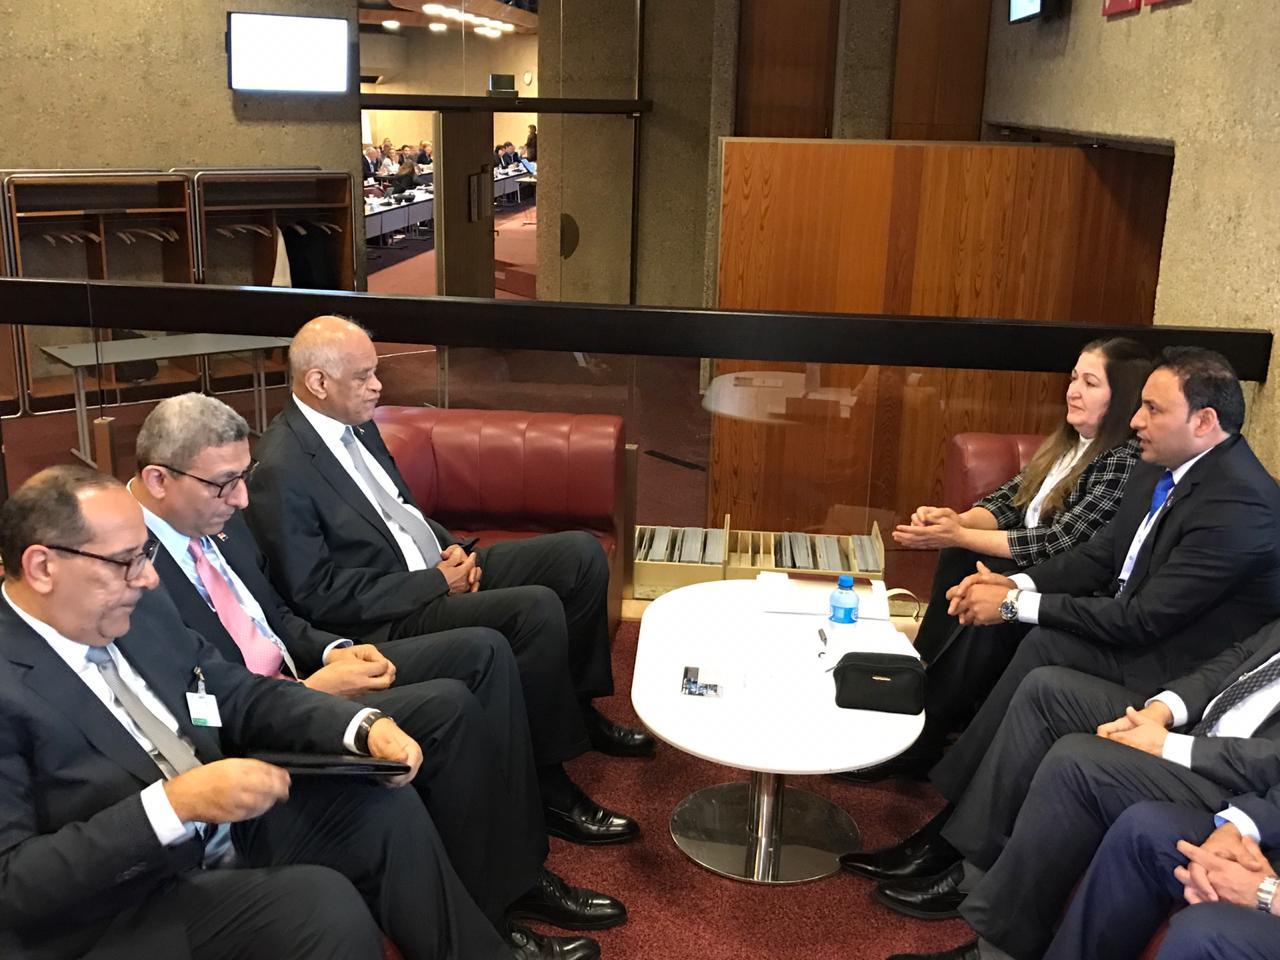 العراق ومصر يبحثان تعزيز التعاون البرلماني بين البلدين